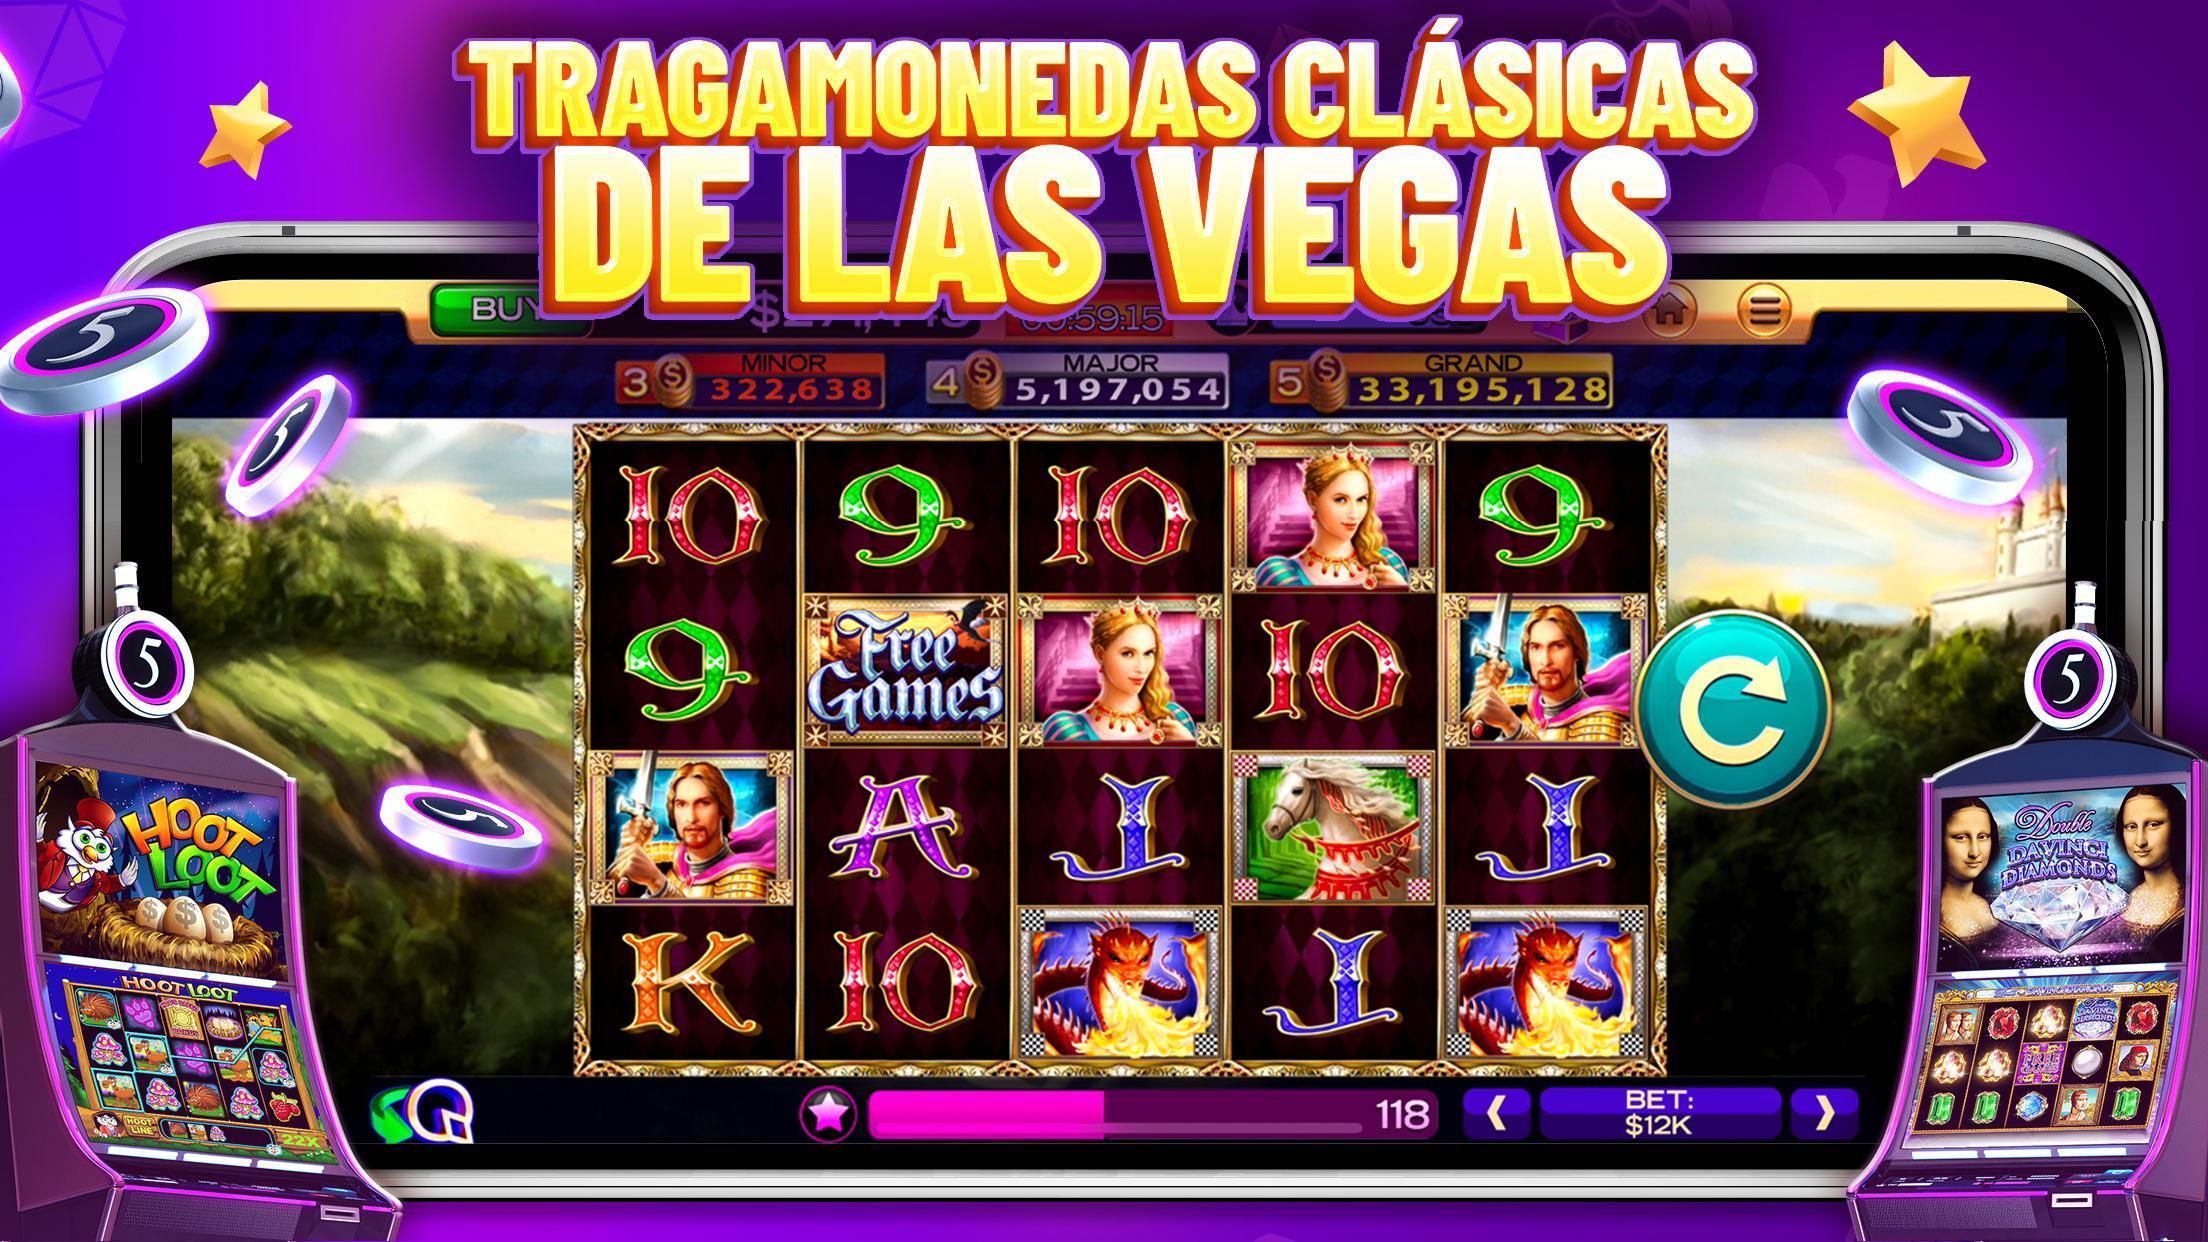 Tragamonedas Las Vegas Gratis